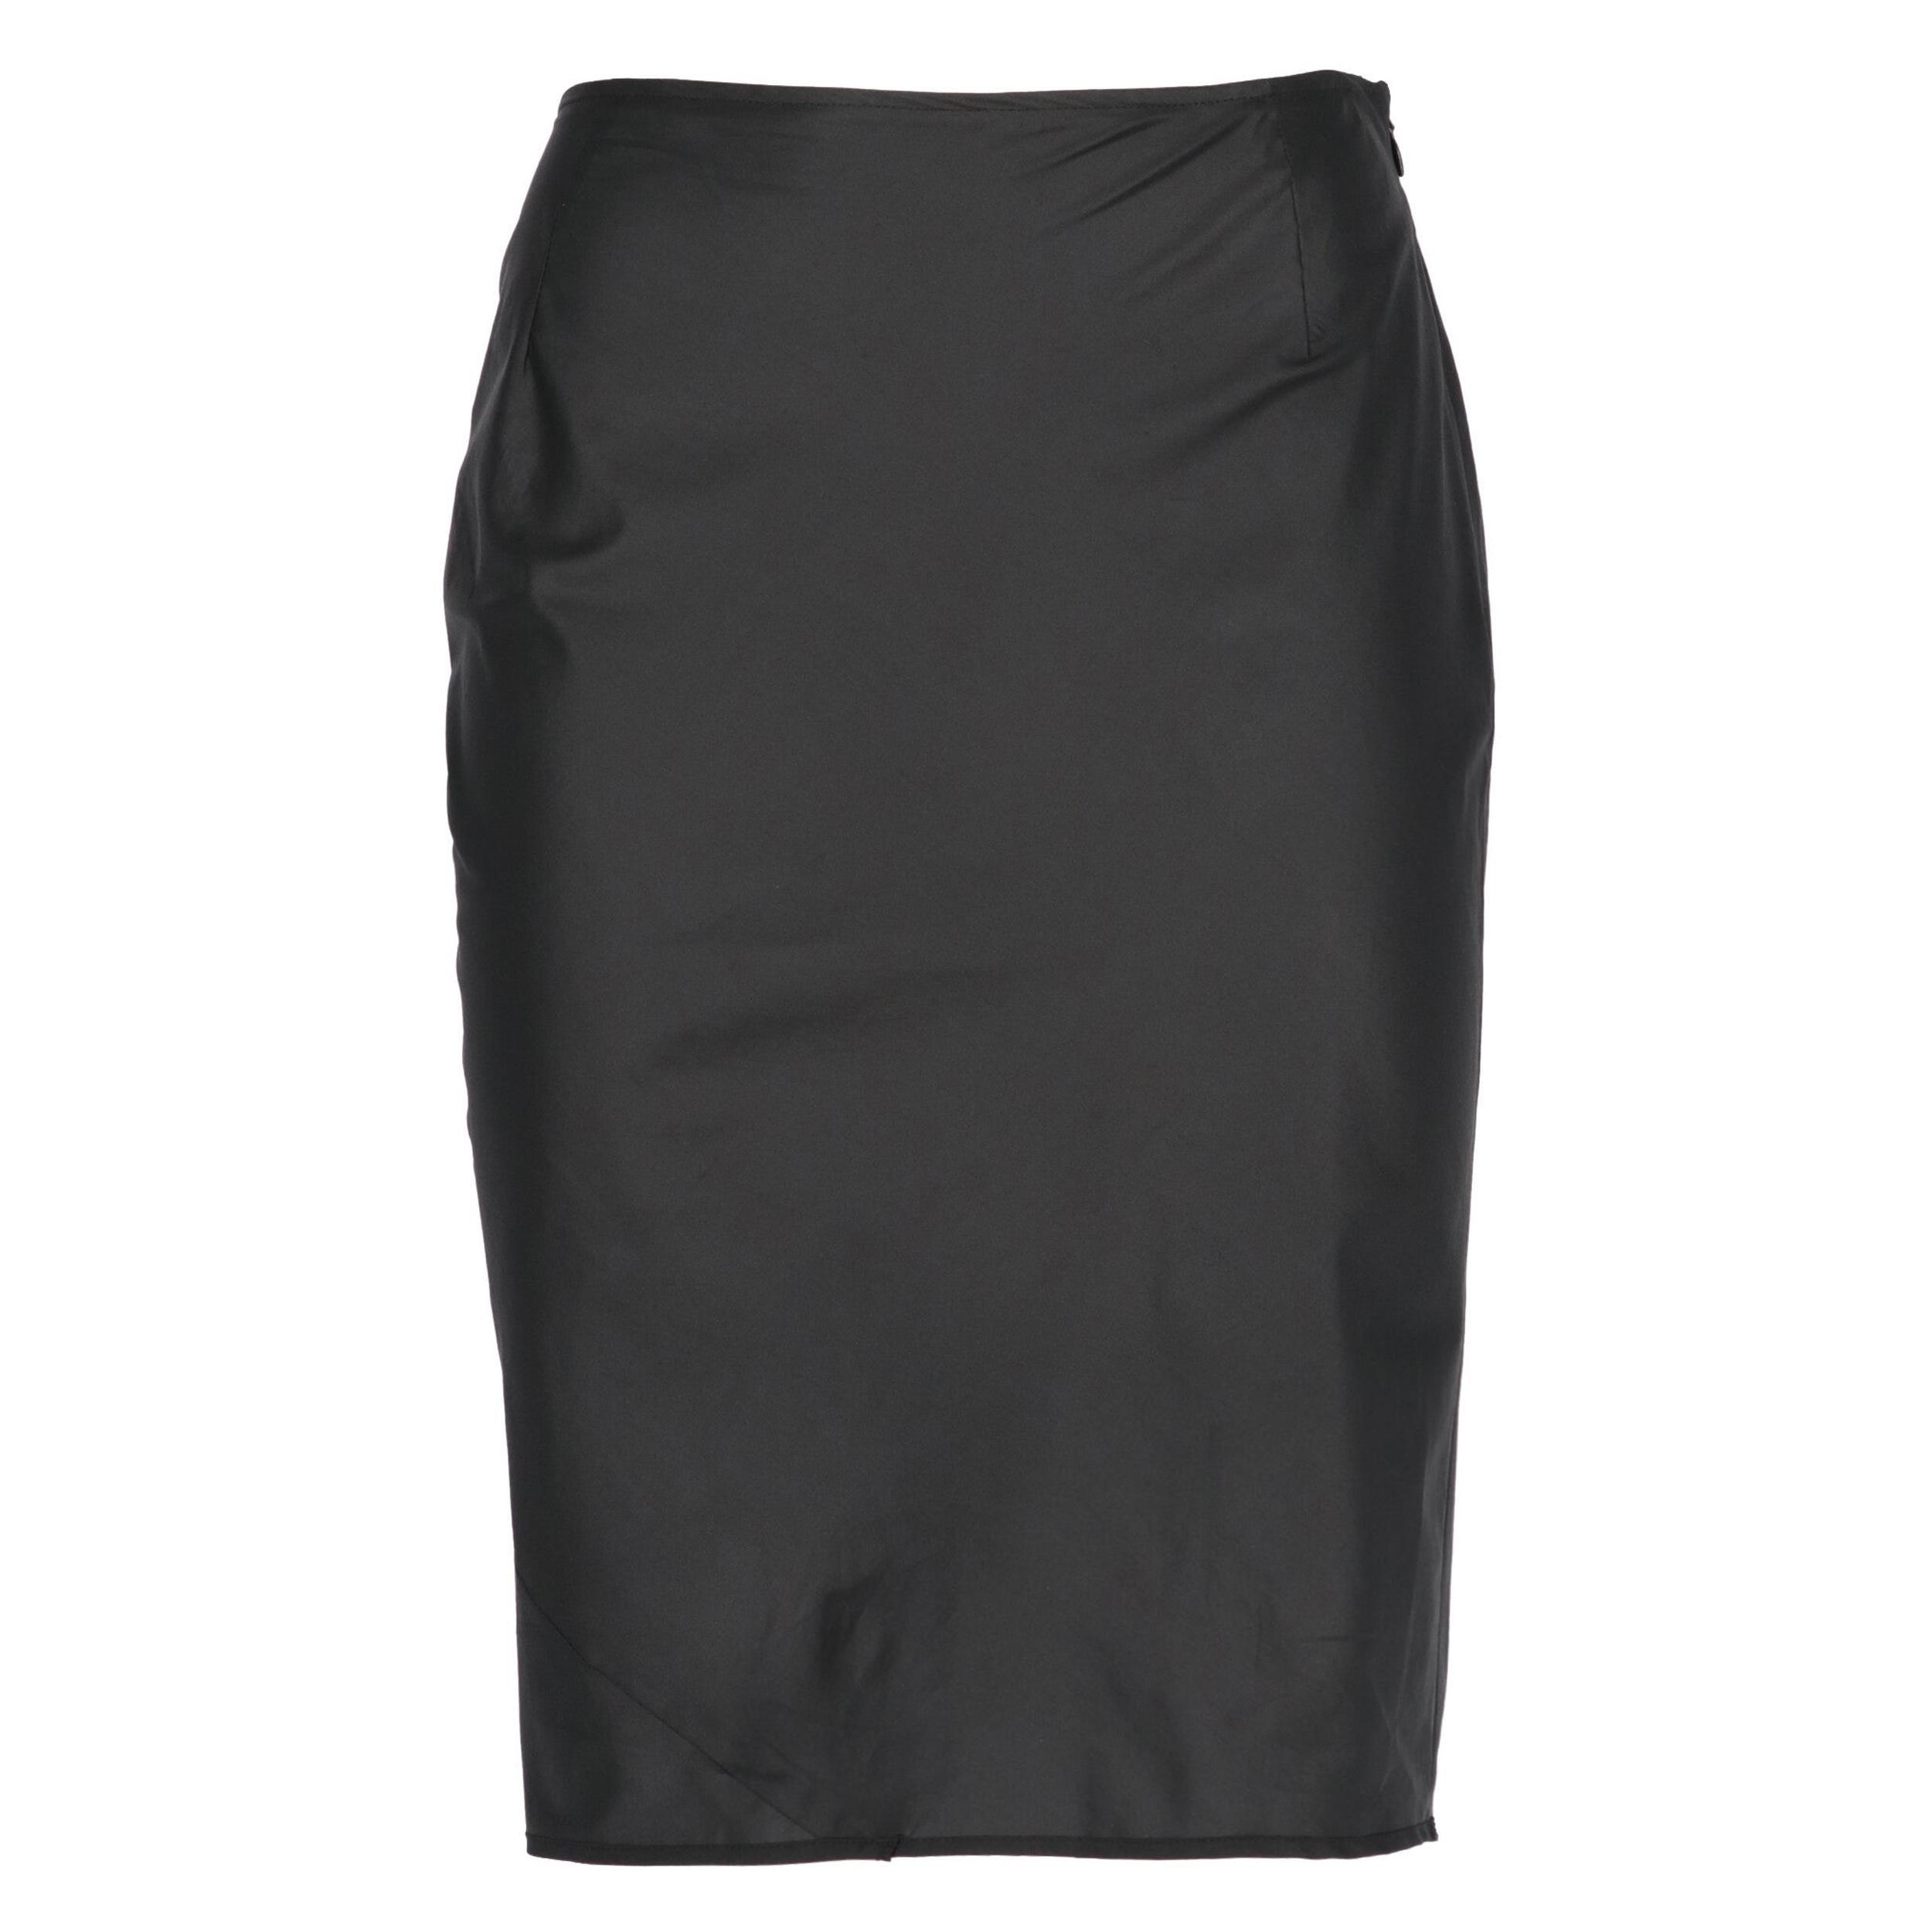 2000s Helmut Lang Black Skirt